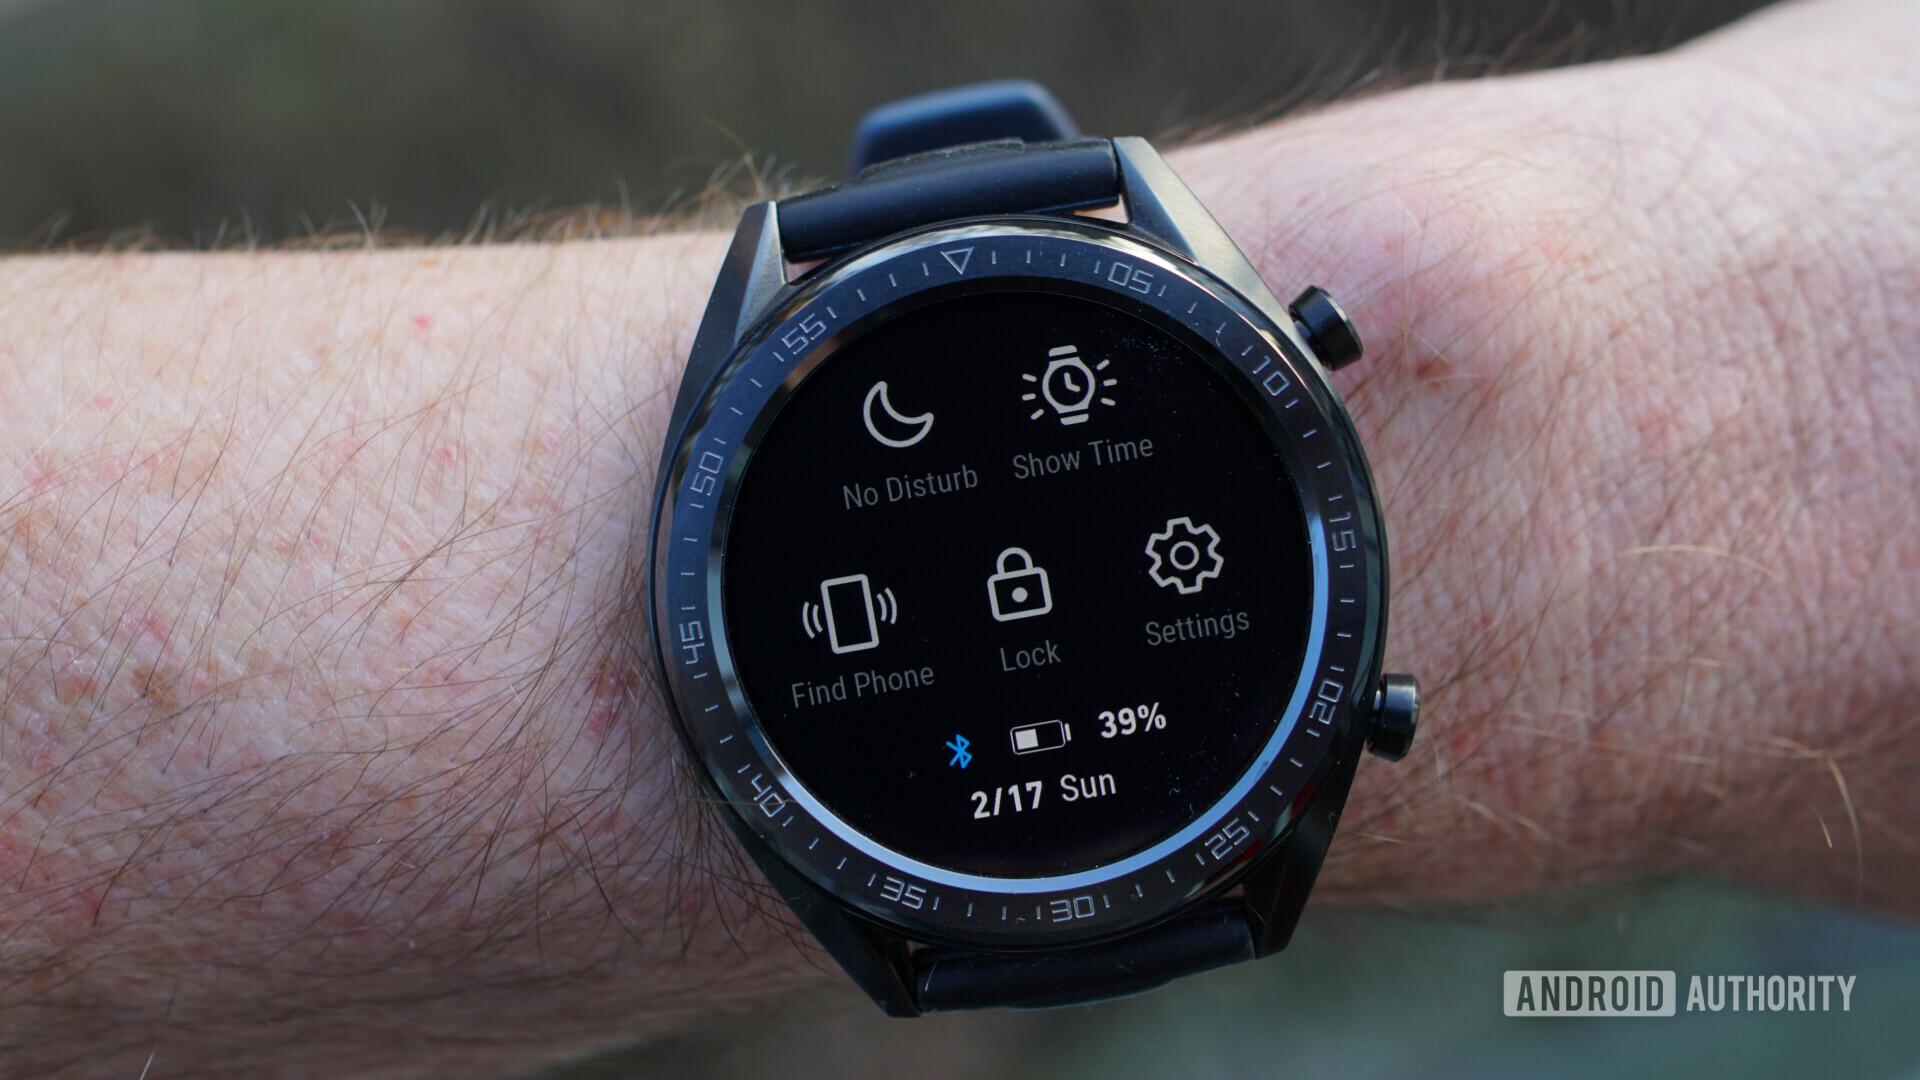 Huawei Watch GT quick settings